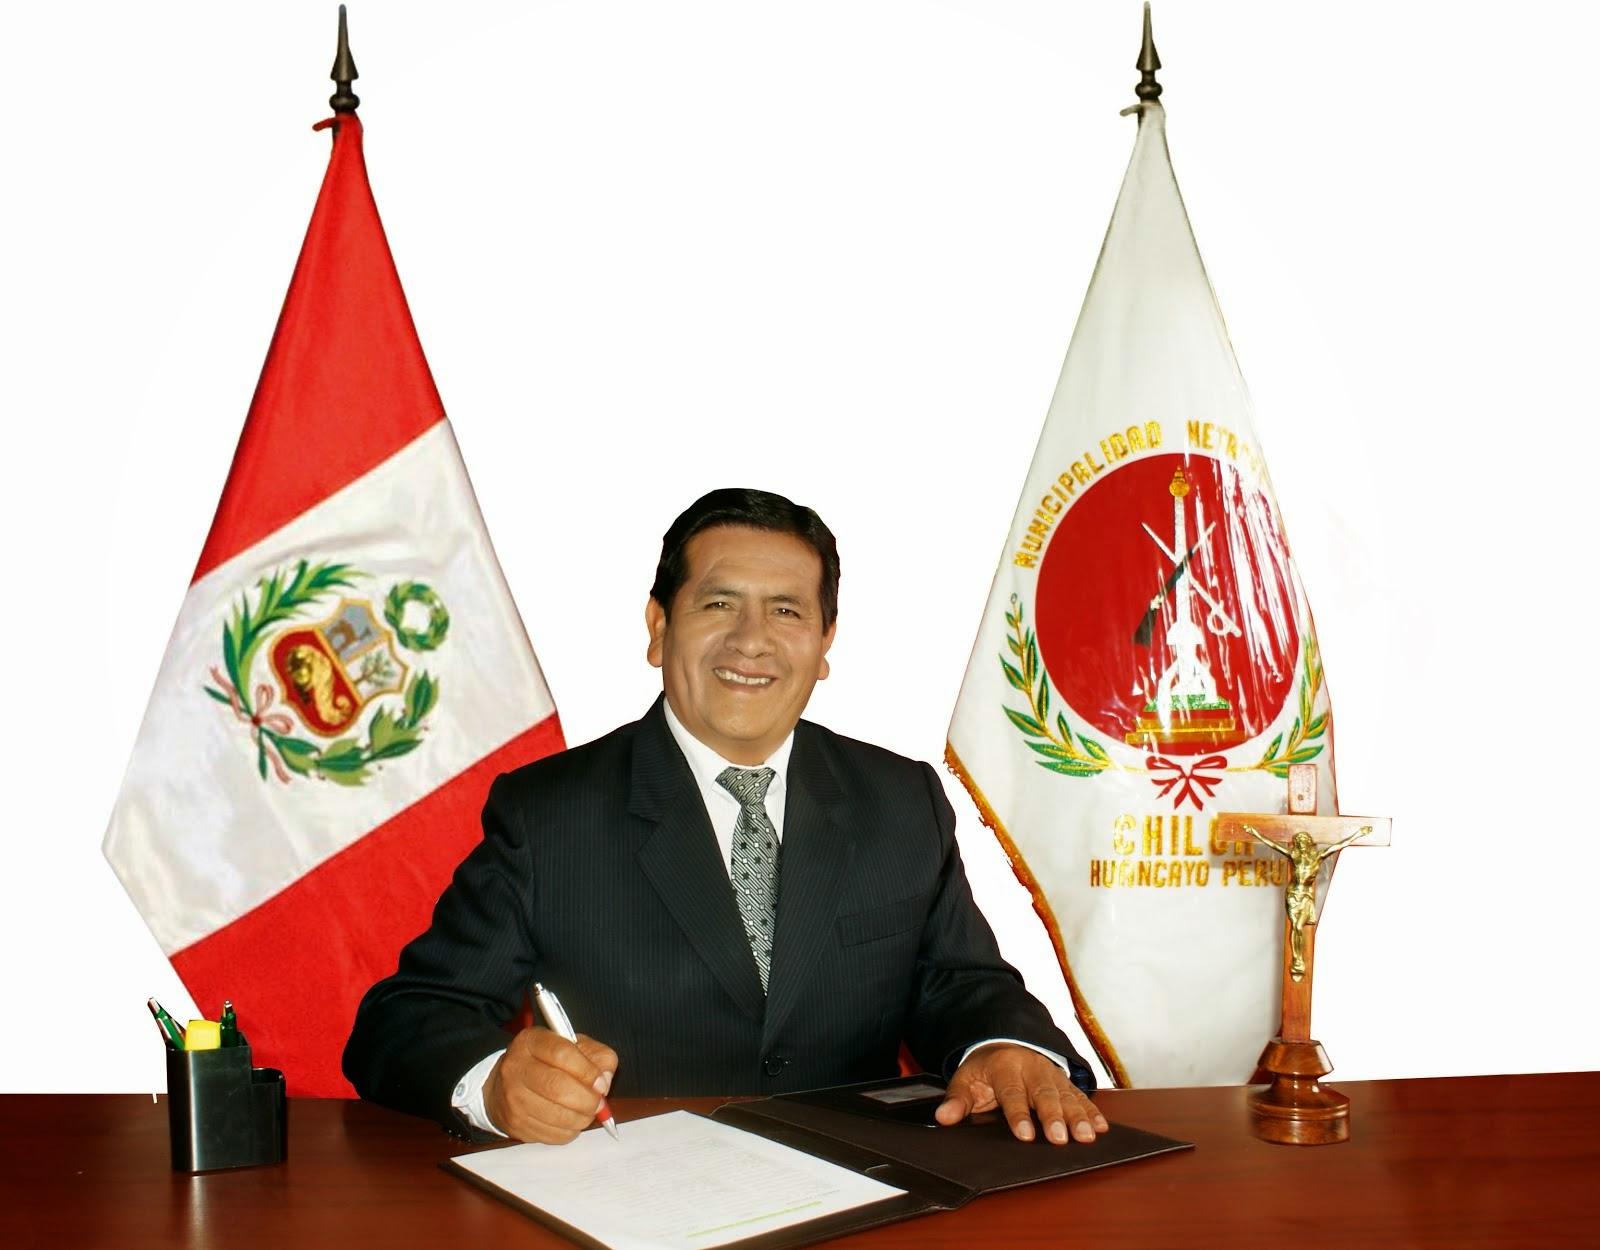 JOSE AUQUI ALCALDE DE CHILCA HUANCAYO